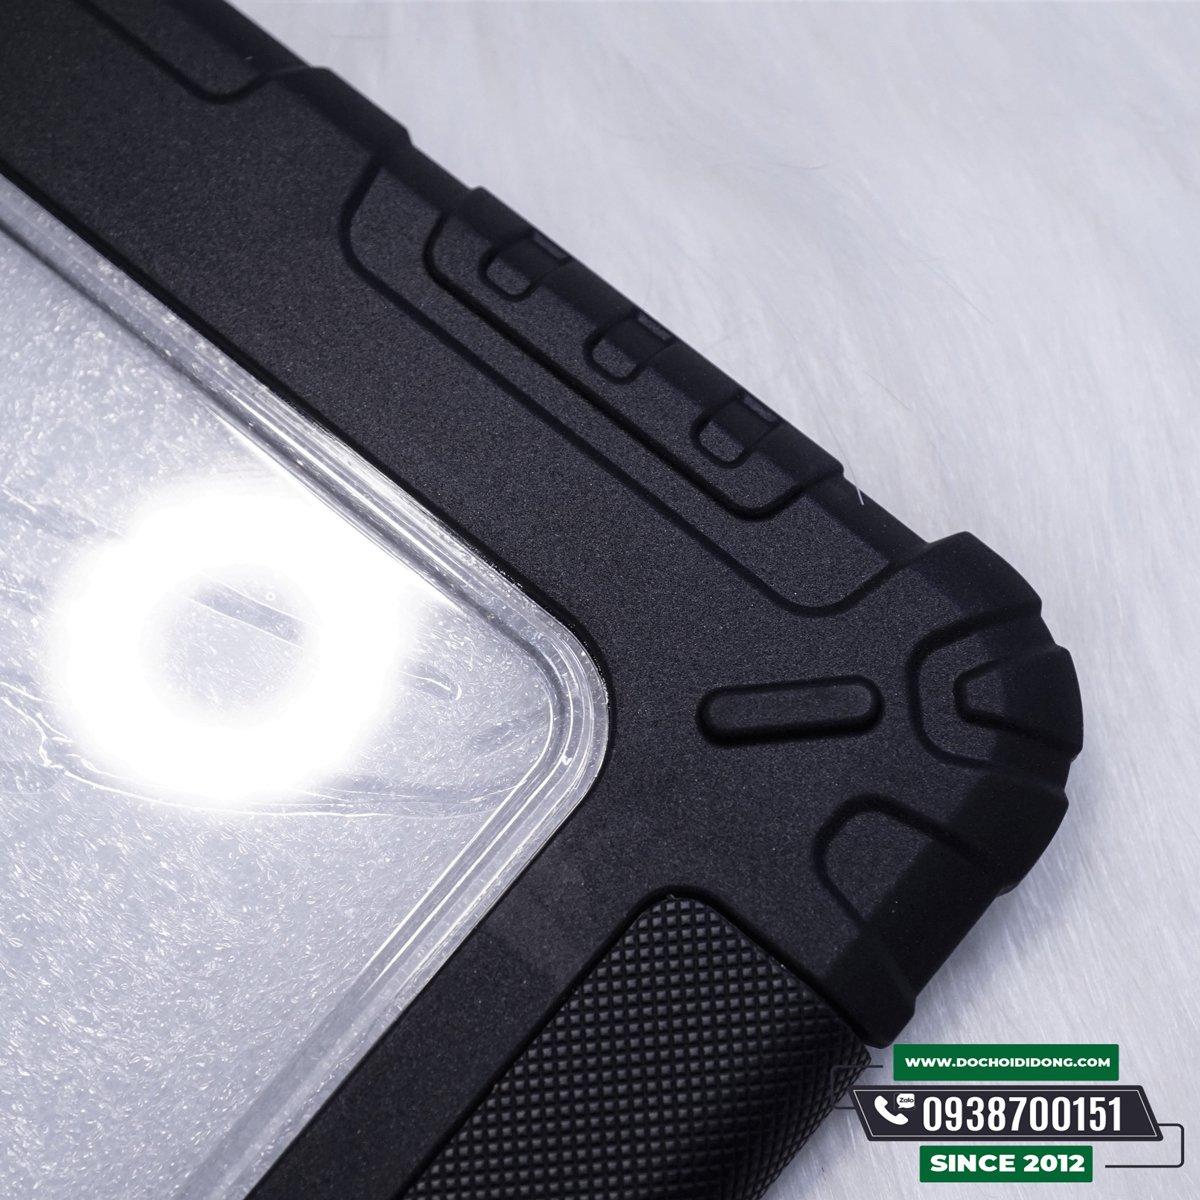 bao-da-ipad-pro-11-inch-2020-air-4-10-9-inch-nillkin-chong-soc-lung-trong-truot-che-camera